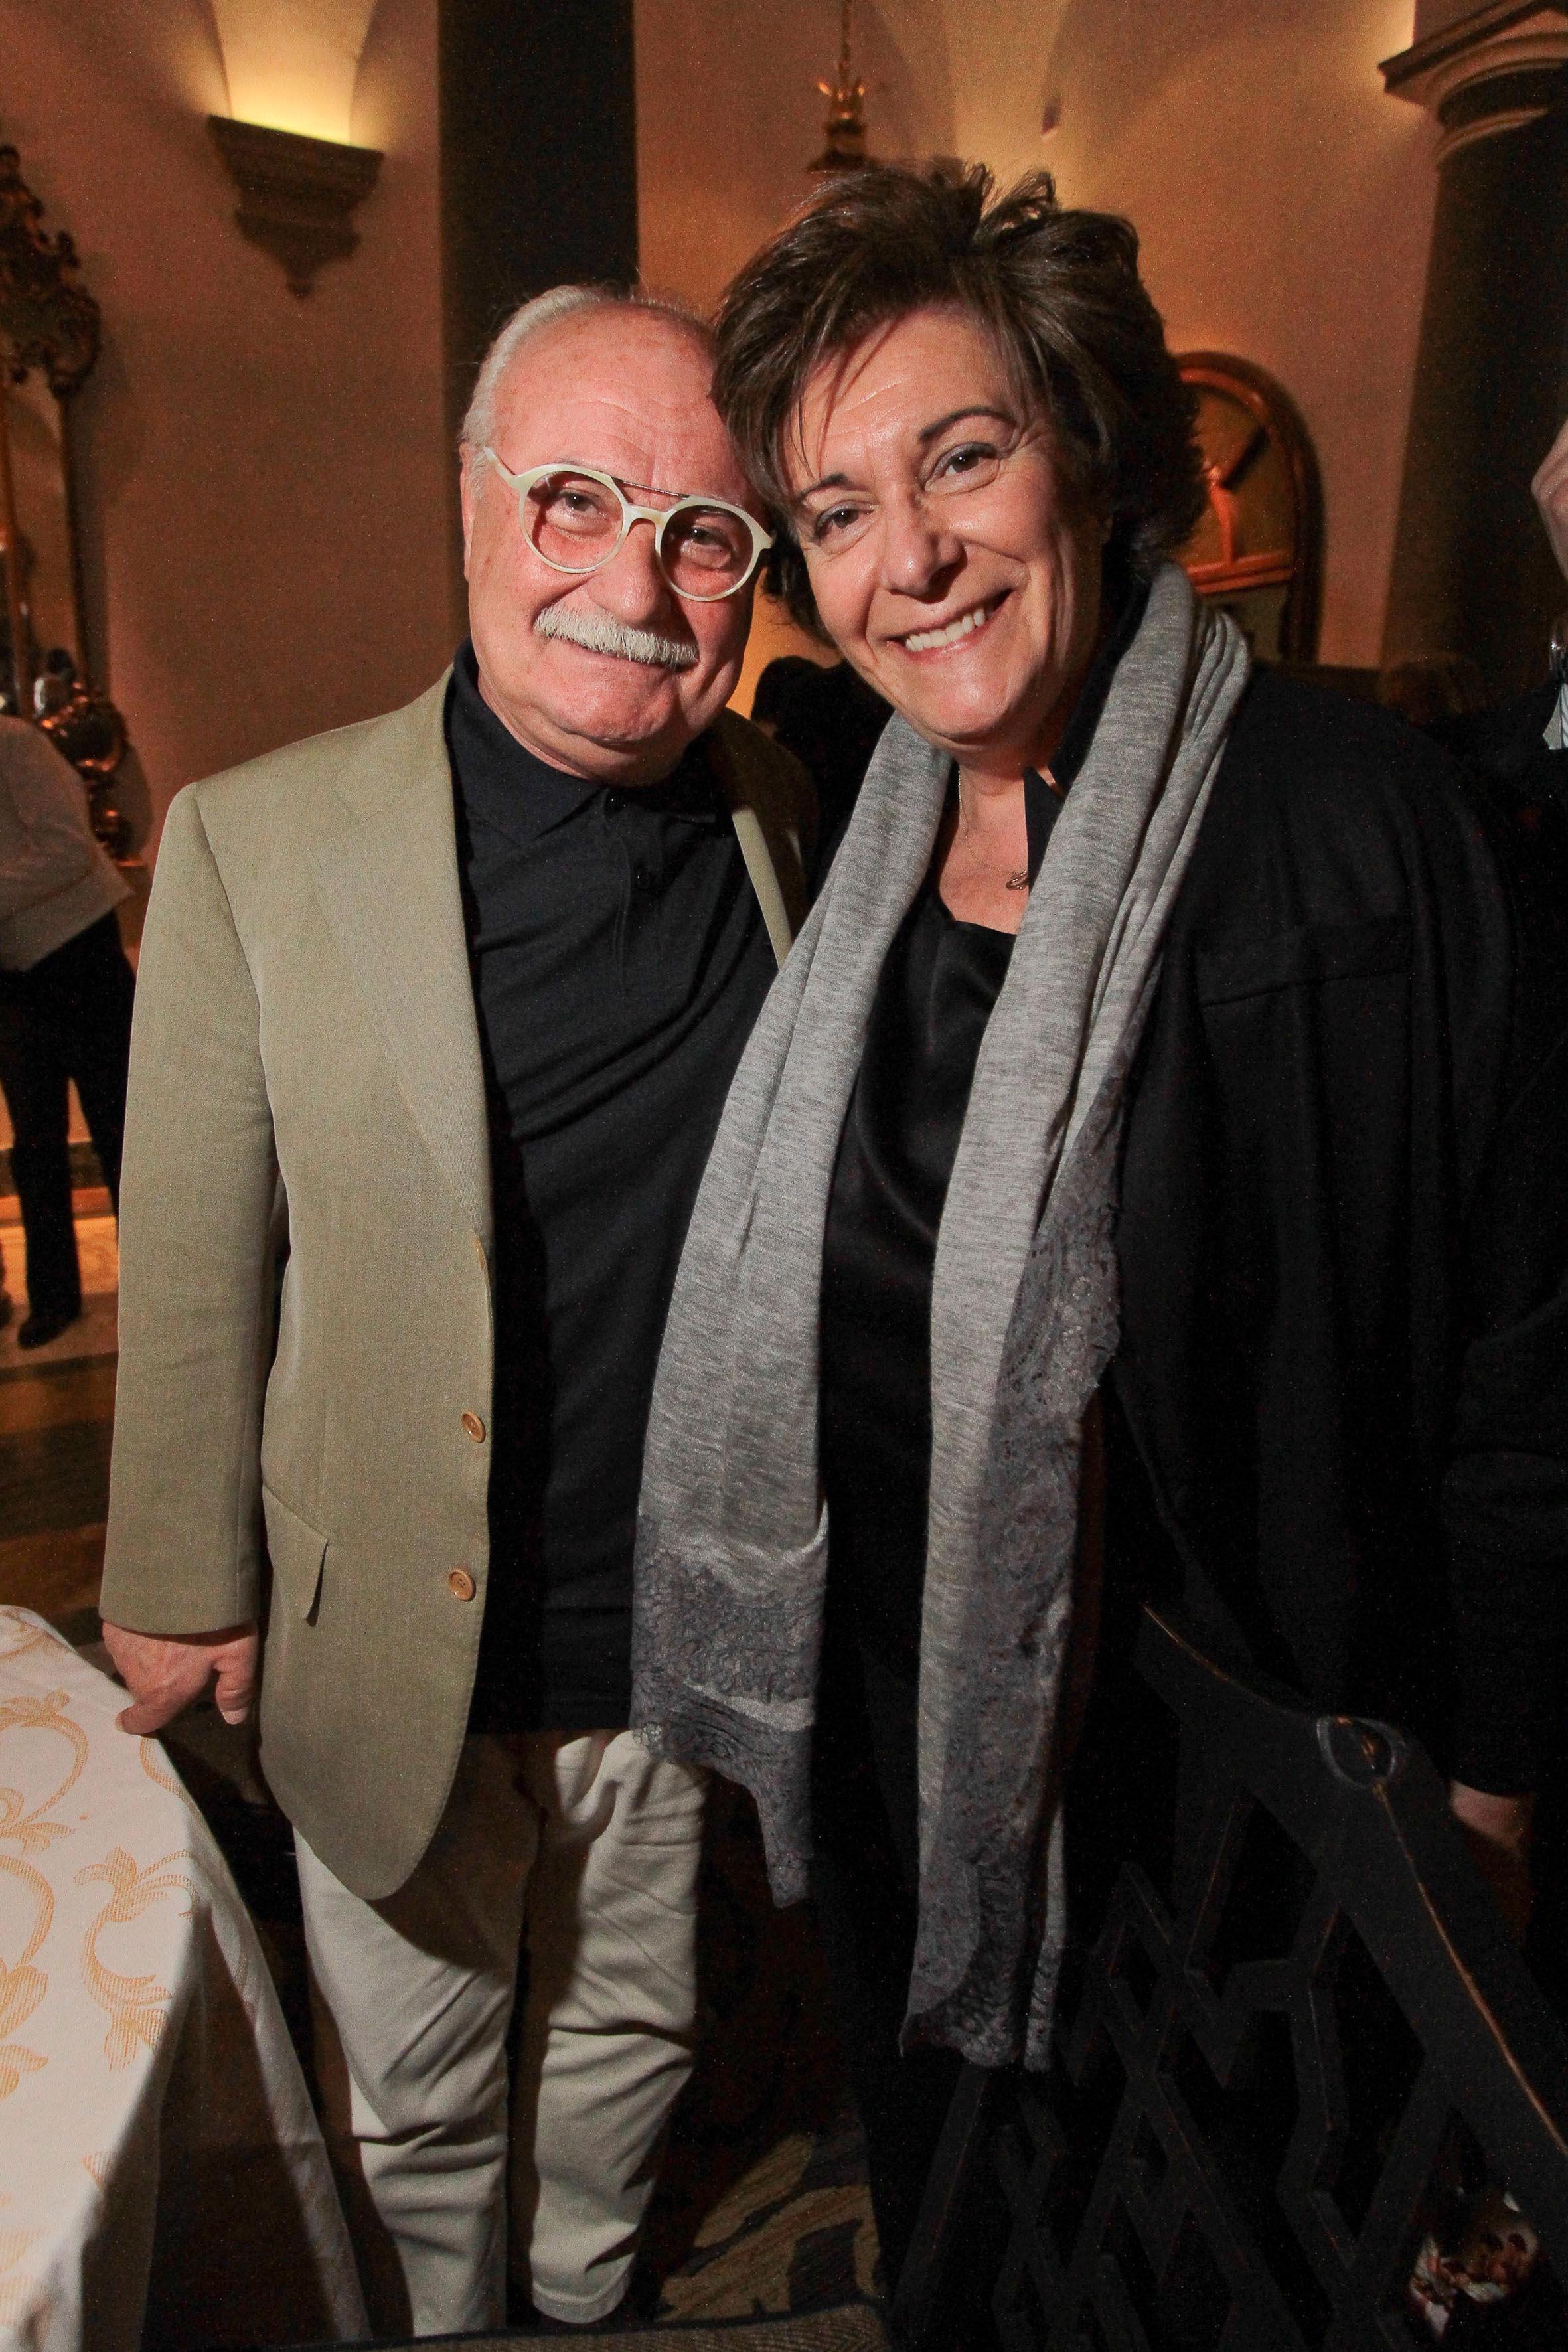 PRESSPHOTO Firenze, Hotel St Regis, serata Firenze Made in Tuscany. Nella foto Gianni Mercatali e Eva Desiderio Giuseppe Cabras/New Press Photo